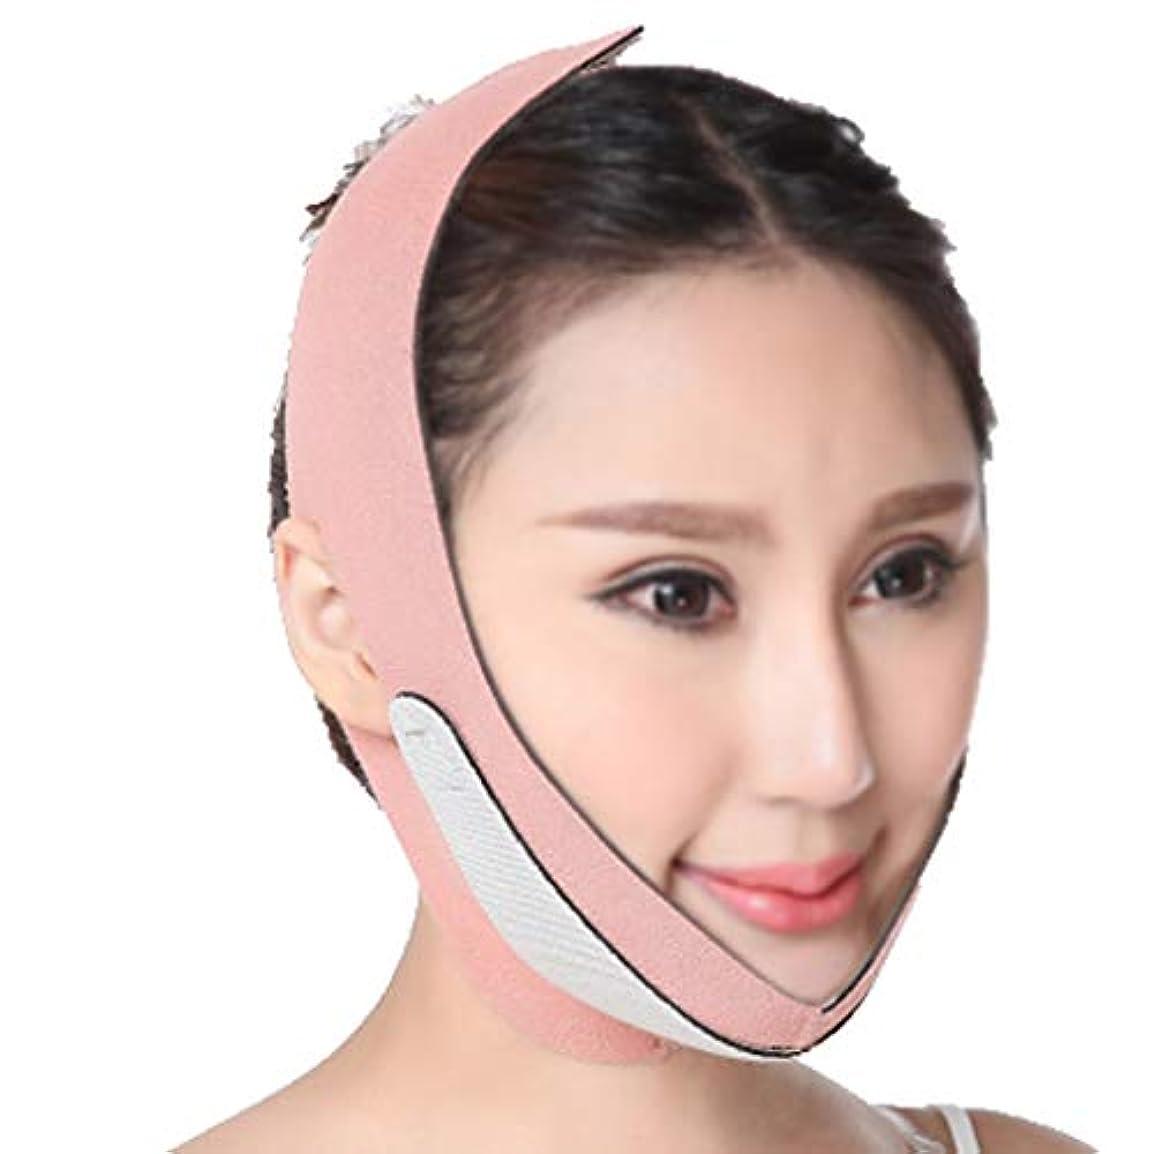 かけがえのないアレルギー性上へ顔の痩身マスク痩身包帯通気性フェイシャルダブルチンケア減量フェイスベルト